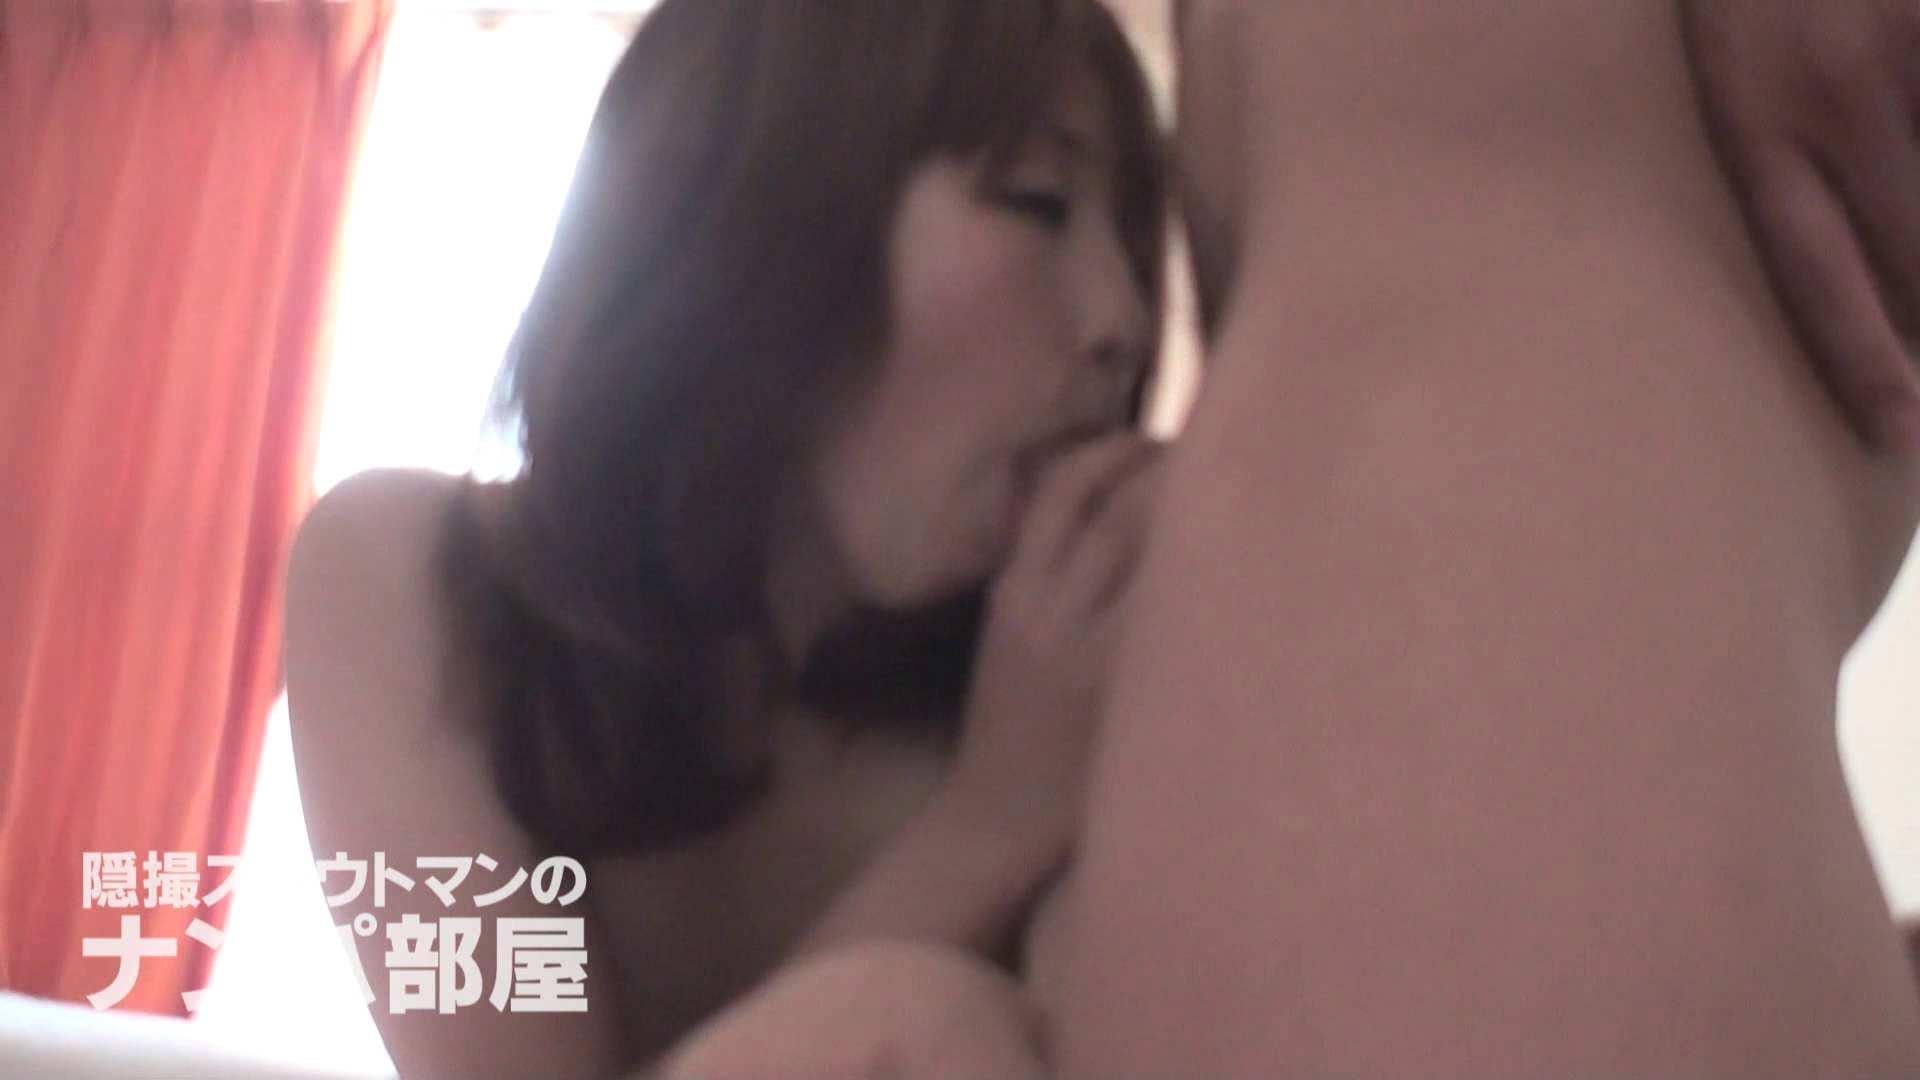 隠撮スカウトマンのナンパ部屋~風俗デビュー前のつまみ食い~ siivol.4 隠撮  74pic 45